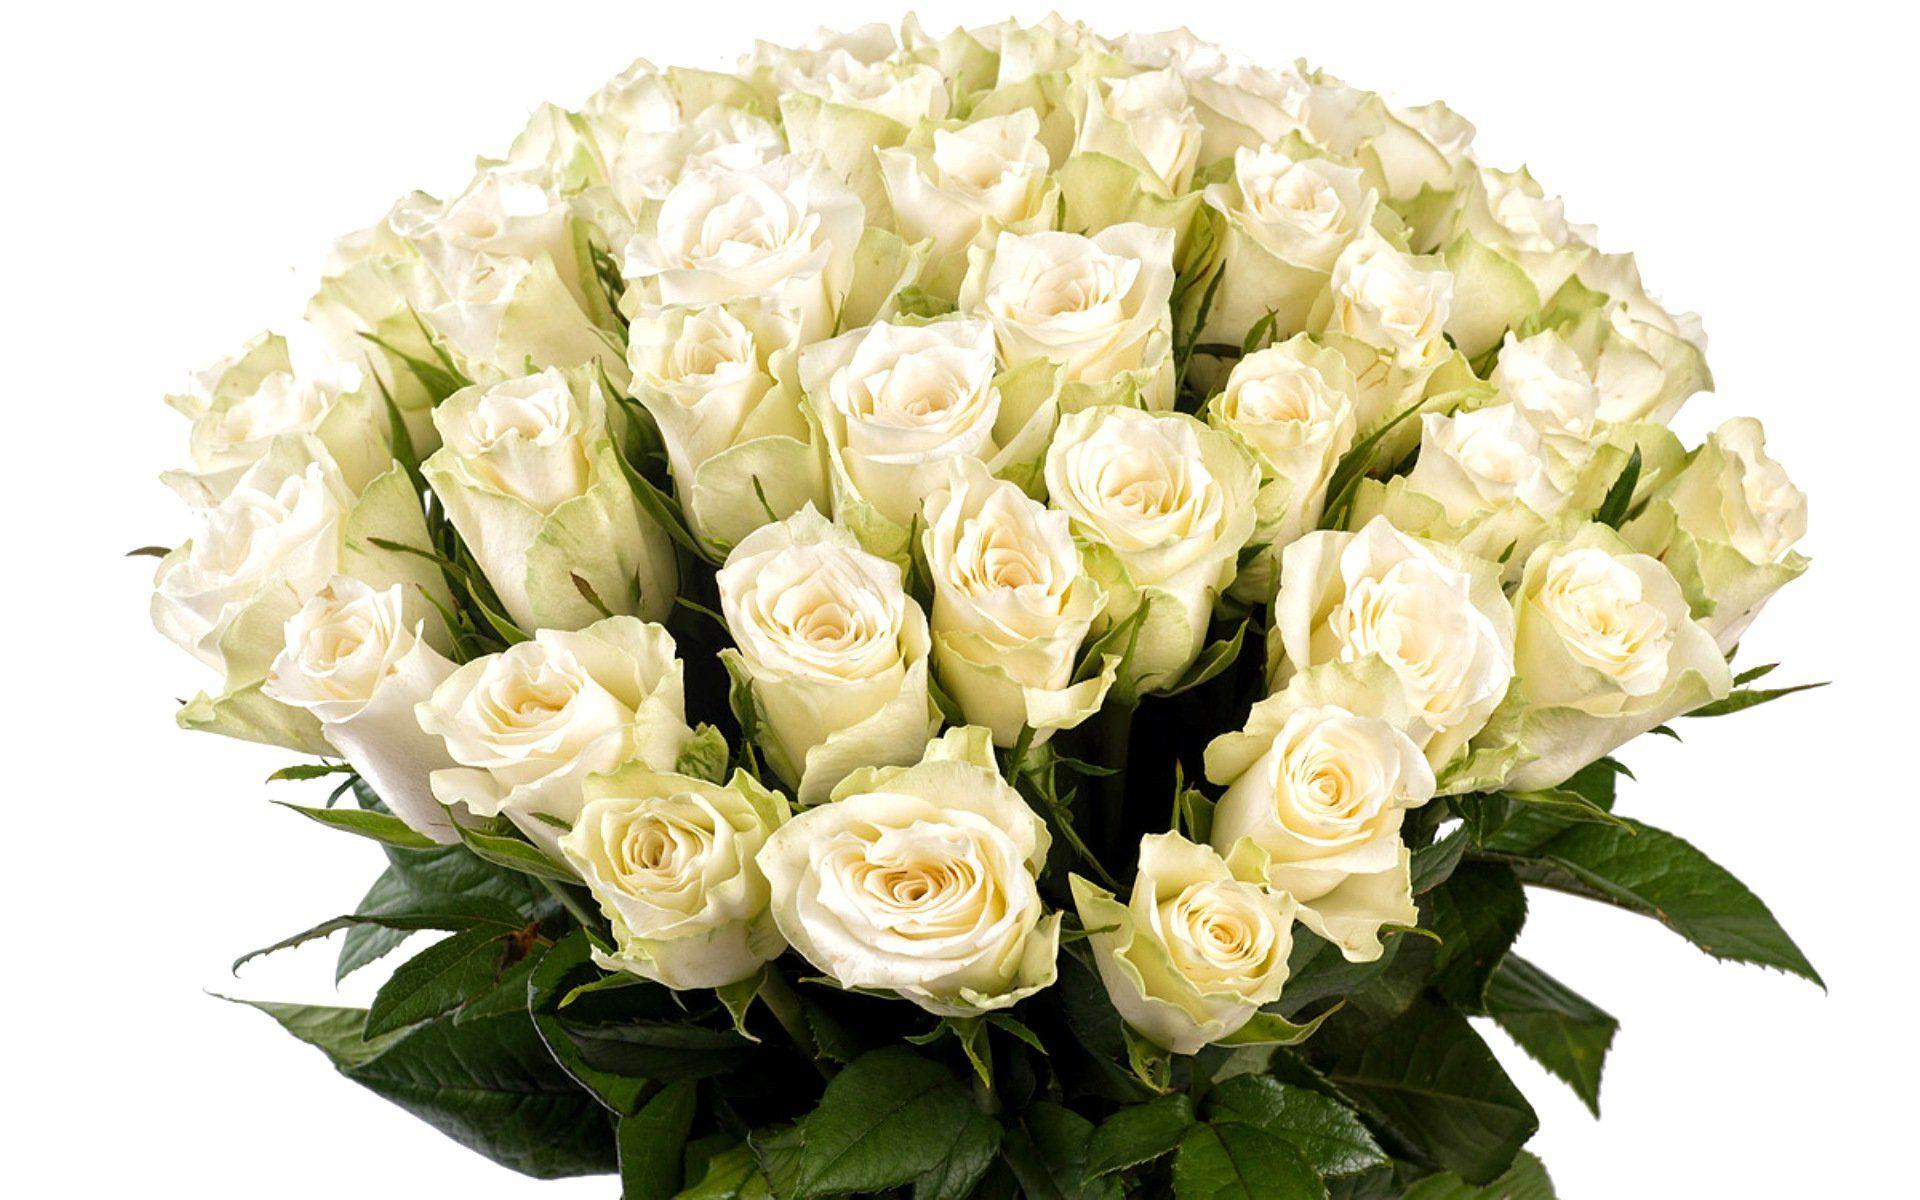 Картинка с красивыми белыми розами, клаб открытка начальнице